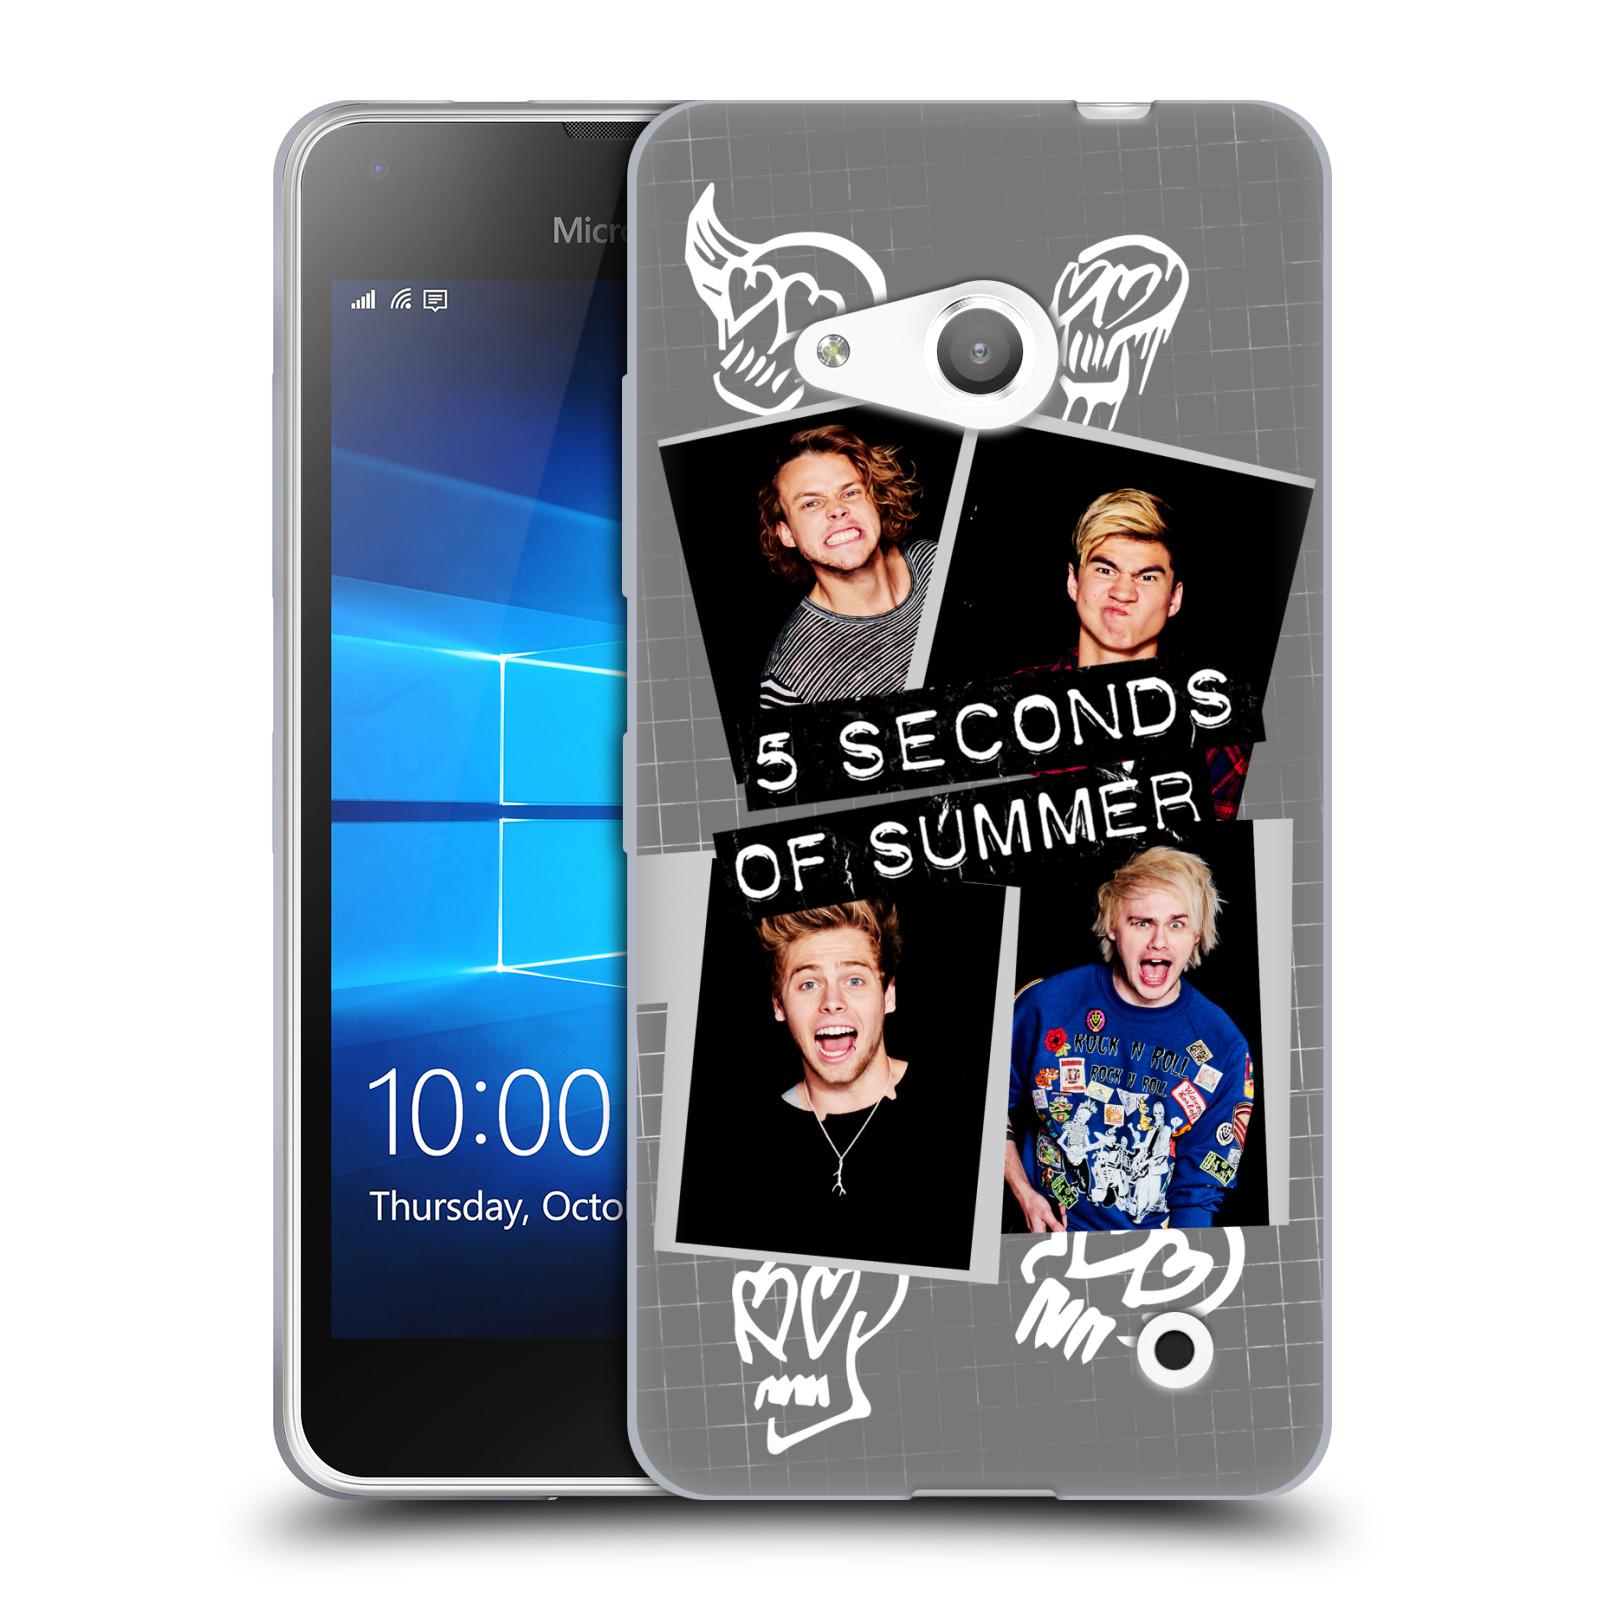 Silikonové pouzdro na mobil Microsoft Lumia 550 HEAD CASE 5 Seconds of Summer - Band Grey (Silikonový kryt či obal na mobilní telefon licencovaným motivem 5 Seconds of Summer pro Microsoft Lumia 550)